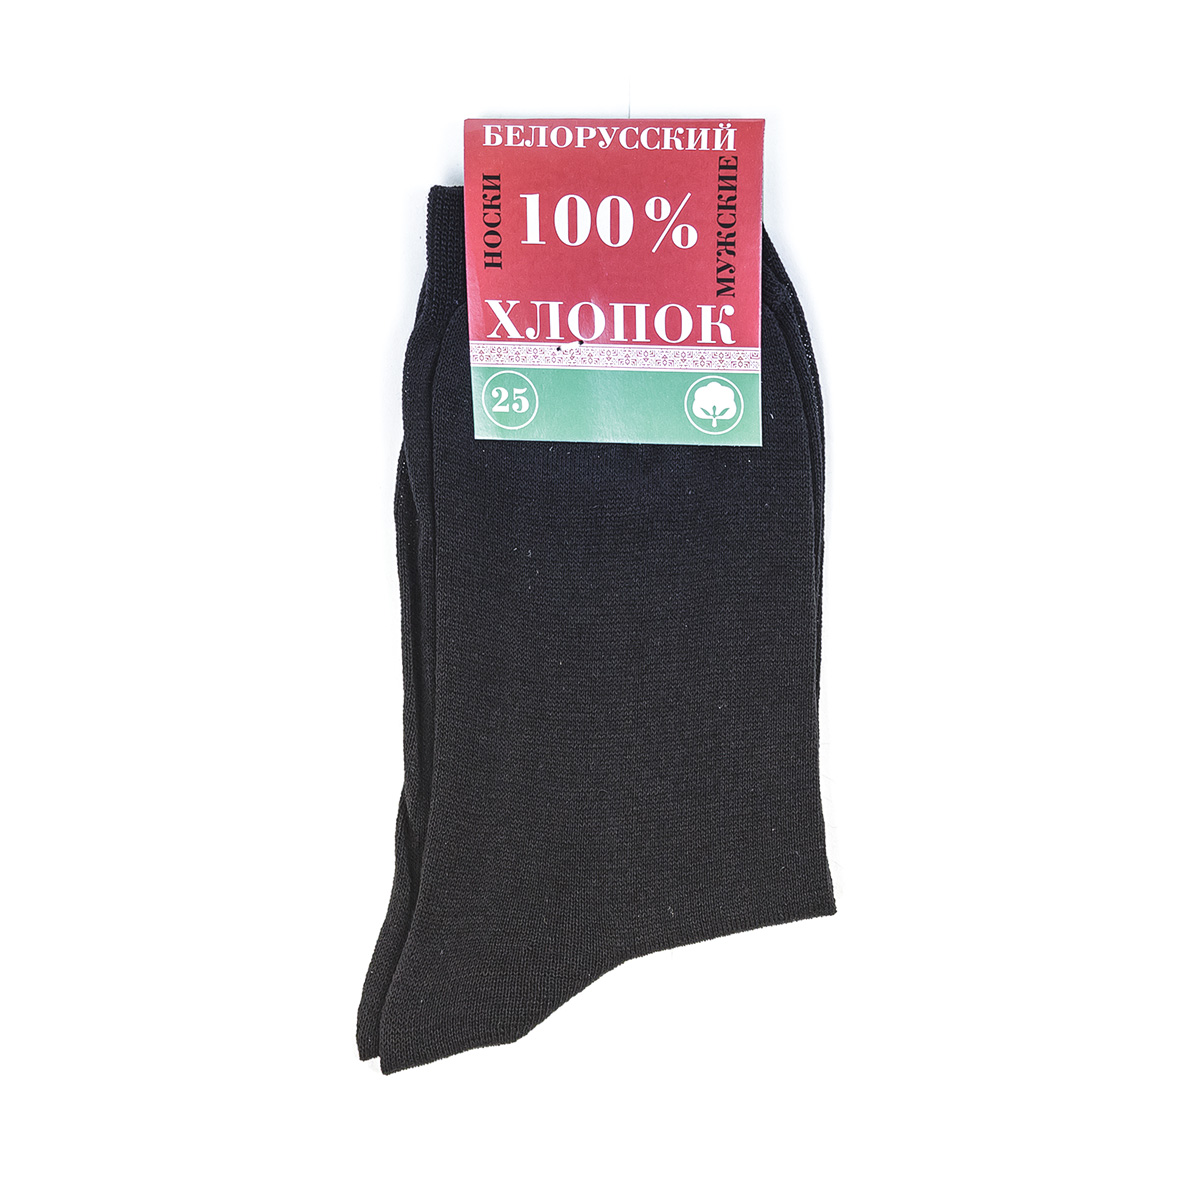 Муж. носки Хлопковые Серый р. 45-46Носки<br><br><br>Тип: Муж. носки<br>Размер: 45-46<br>Материал: Хлопок